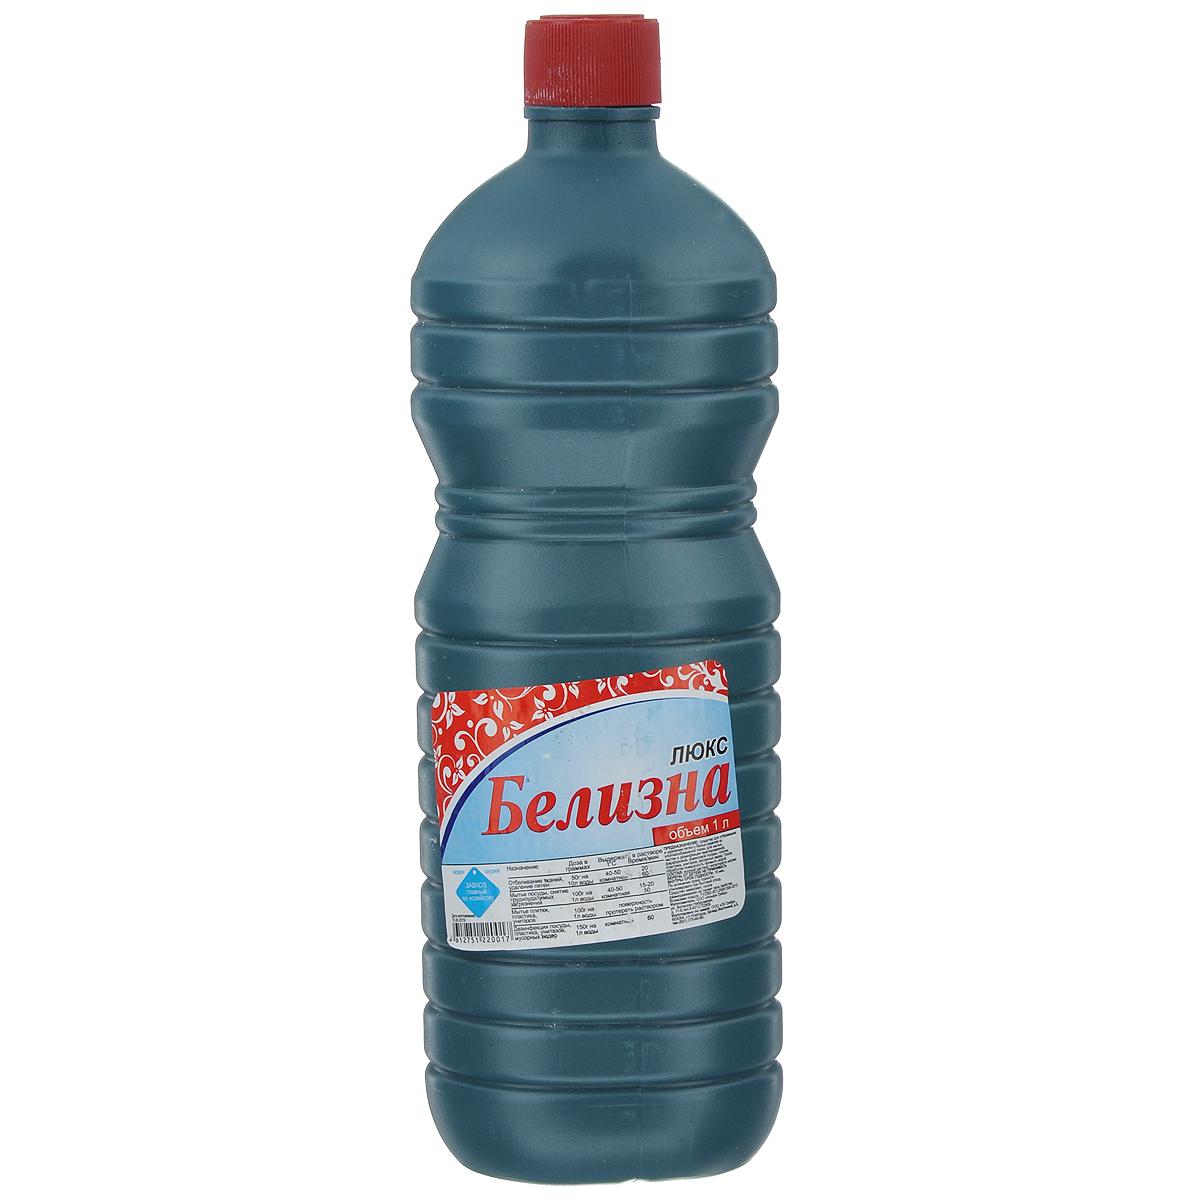 Средство отбеливающее Белизна Люкс, 1 л870055Белизна Люкс - это средство для отбеливания и удаления пятен с белых изделий из хлопчатобумажной ткани, для мытья, читки и дезинфекции эмалированной, фарфоровой, фаянсовой посуды, плитки, пластика, унитазов, мусорных ведер. Состав: водный раствор гипохлорита натрия.